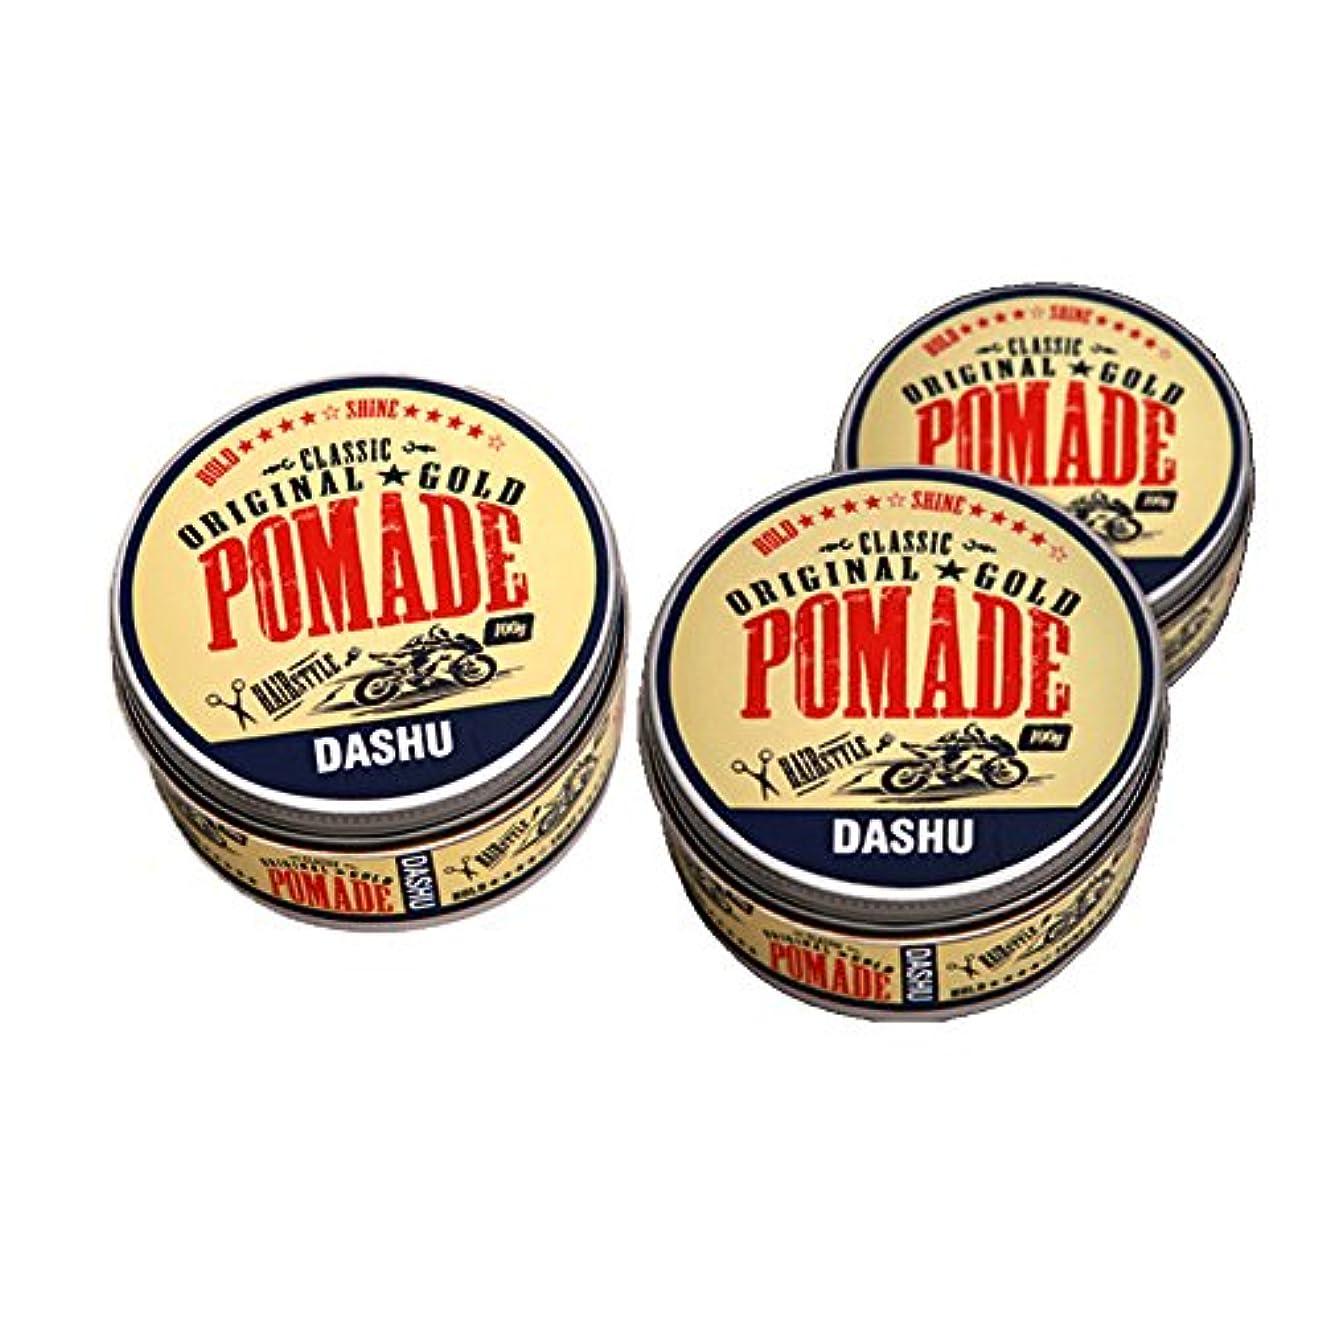 日記メンバー権限を与える(3個セット) x [DASHU] ダシュ クラシックオリジナルゴールドポマードヘアワックス Classic Original Gold Pomade Hair Wax 100ml / 韓国製 . 韓国直送品